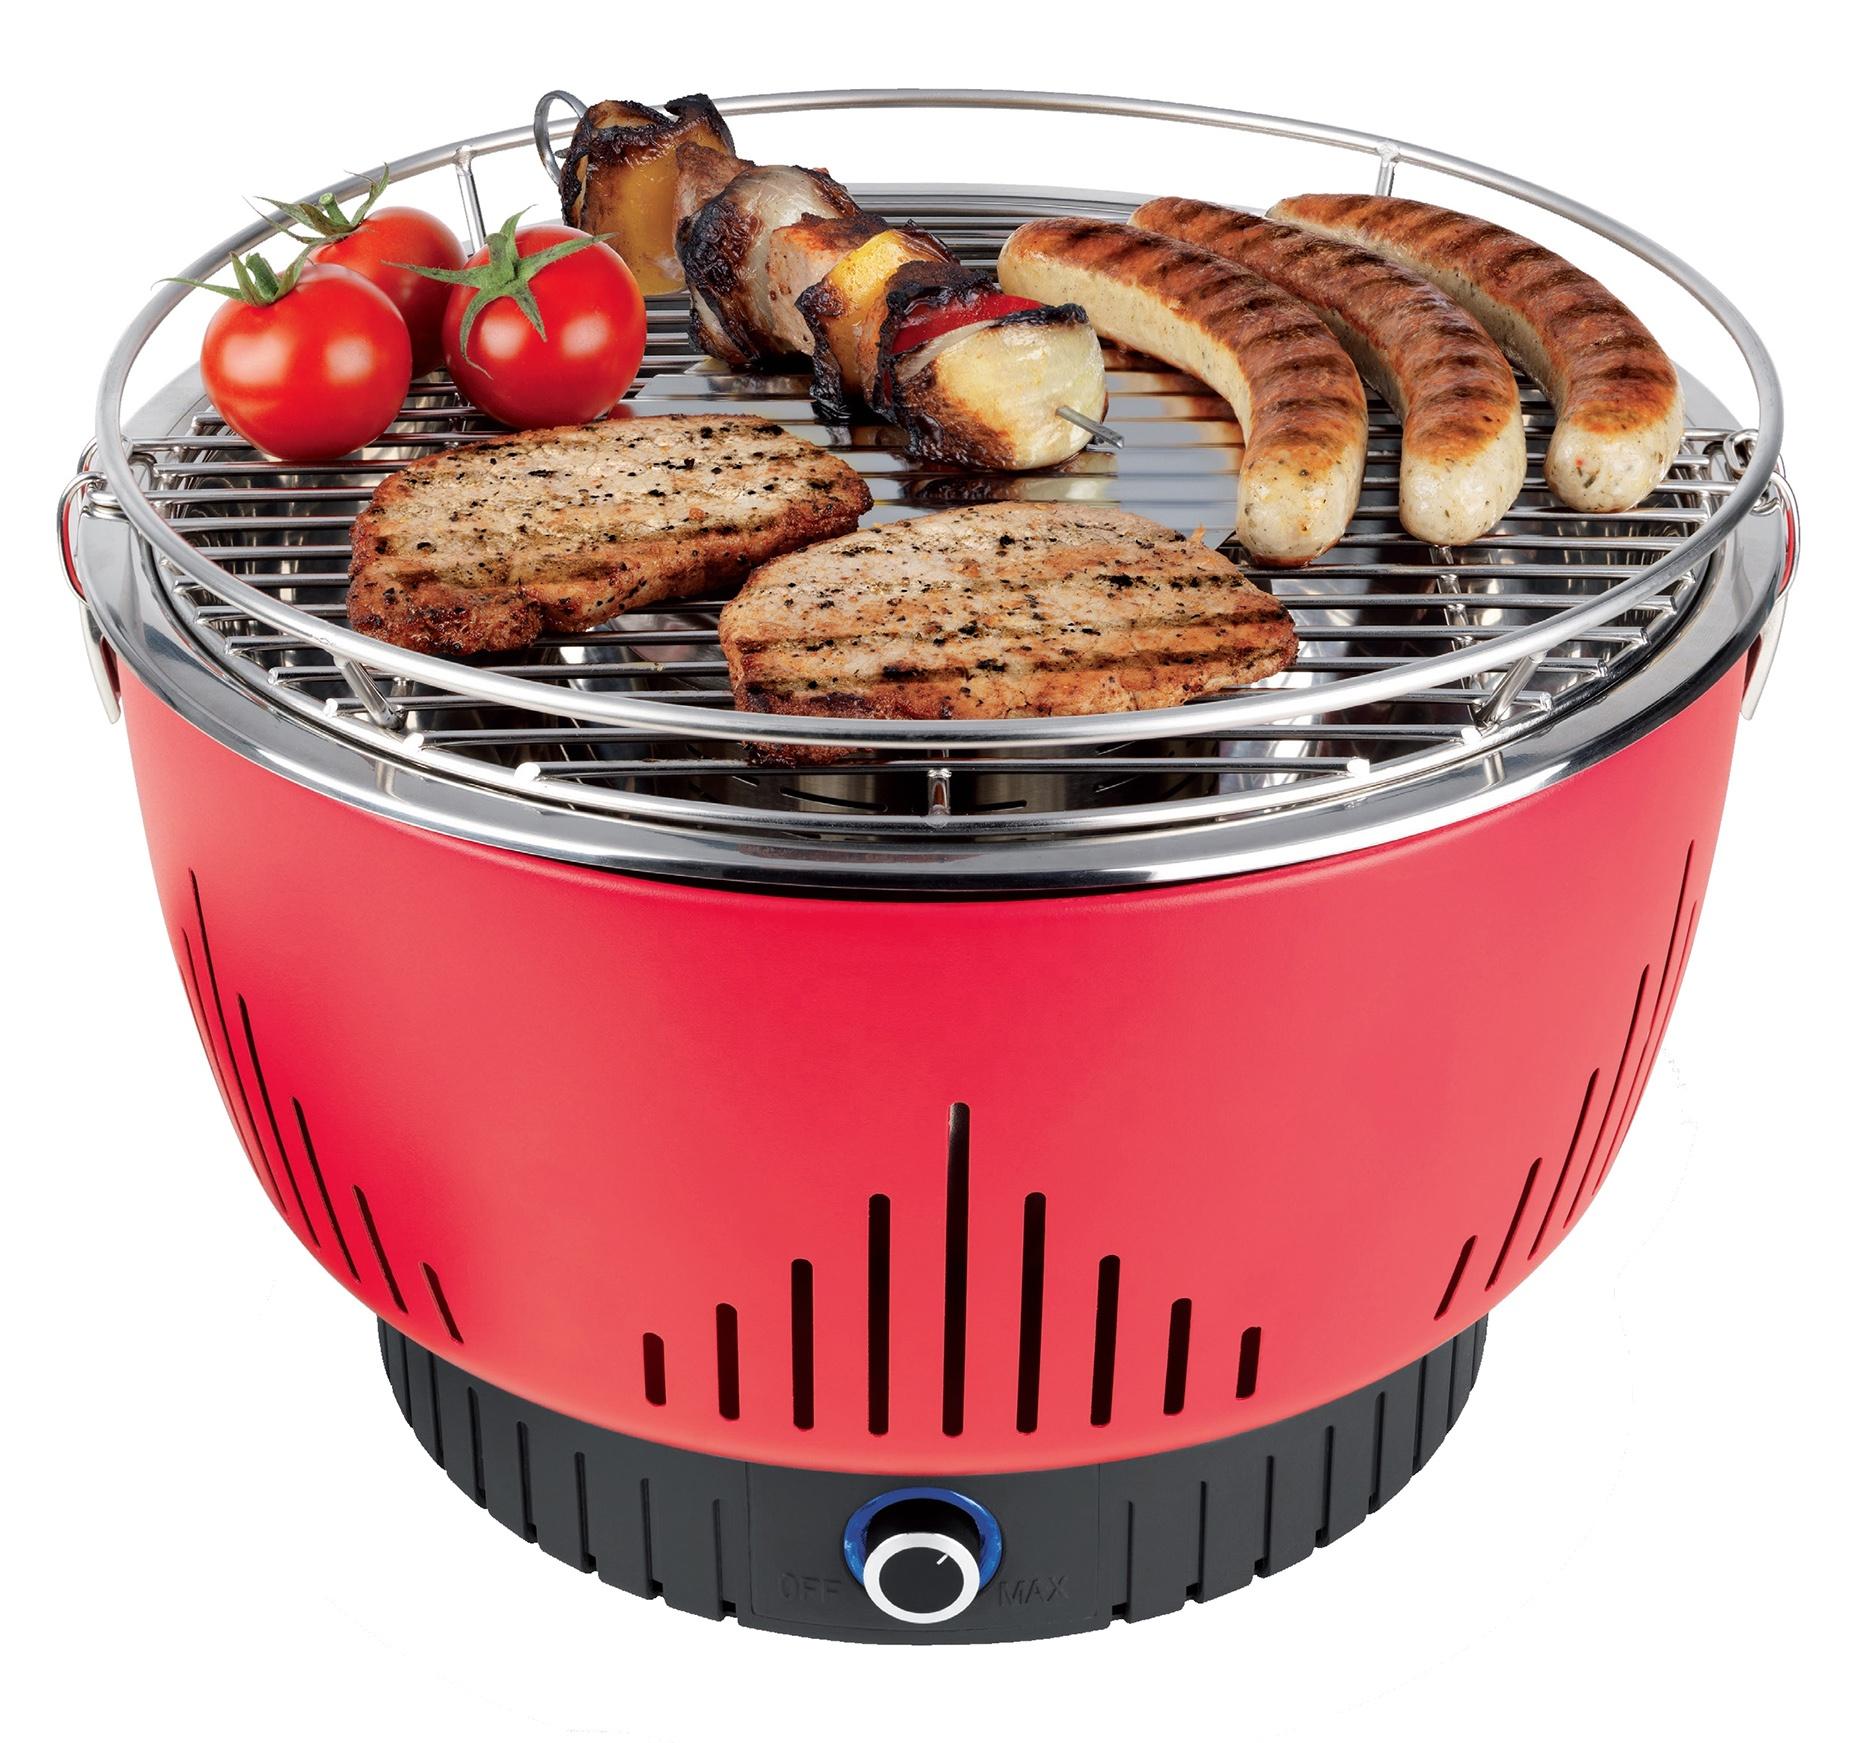 Charbon De Bois sans fumée avec LED En Acier Inoxydable 304 Portable barbecue en acier inoxydable